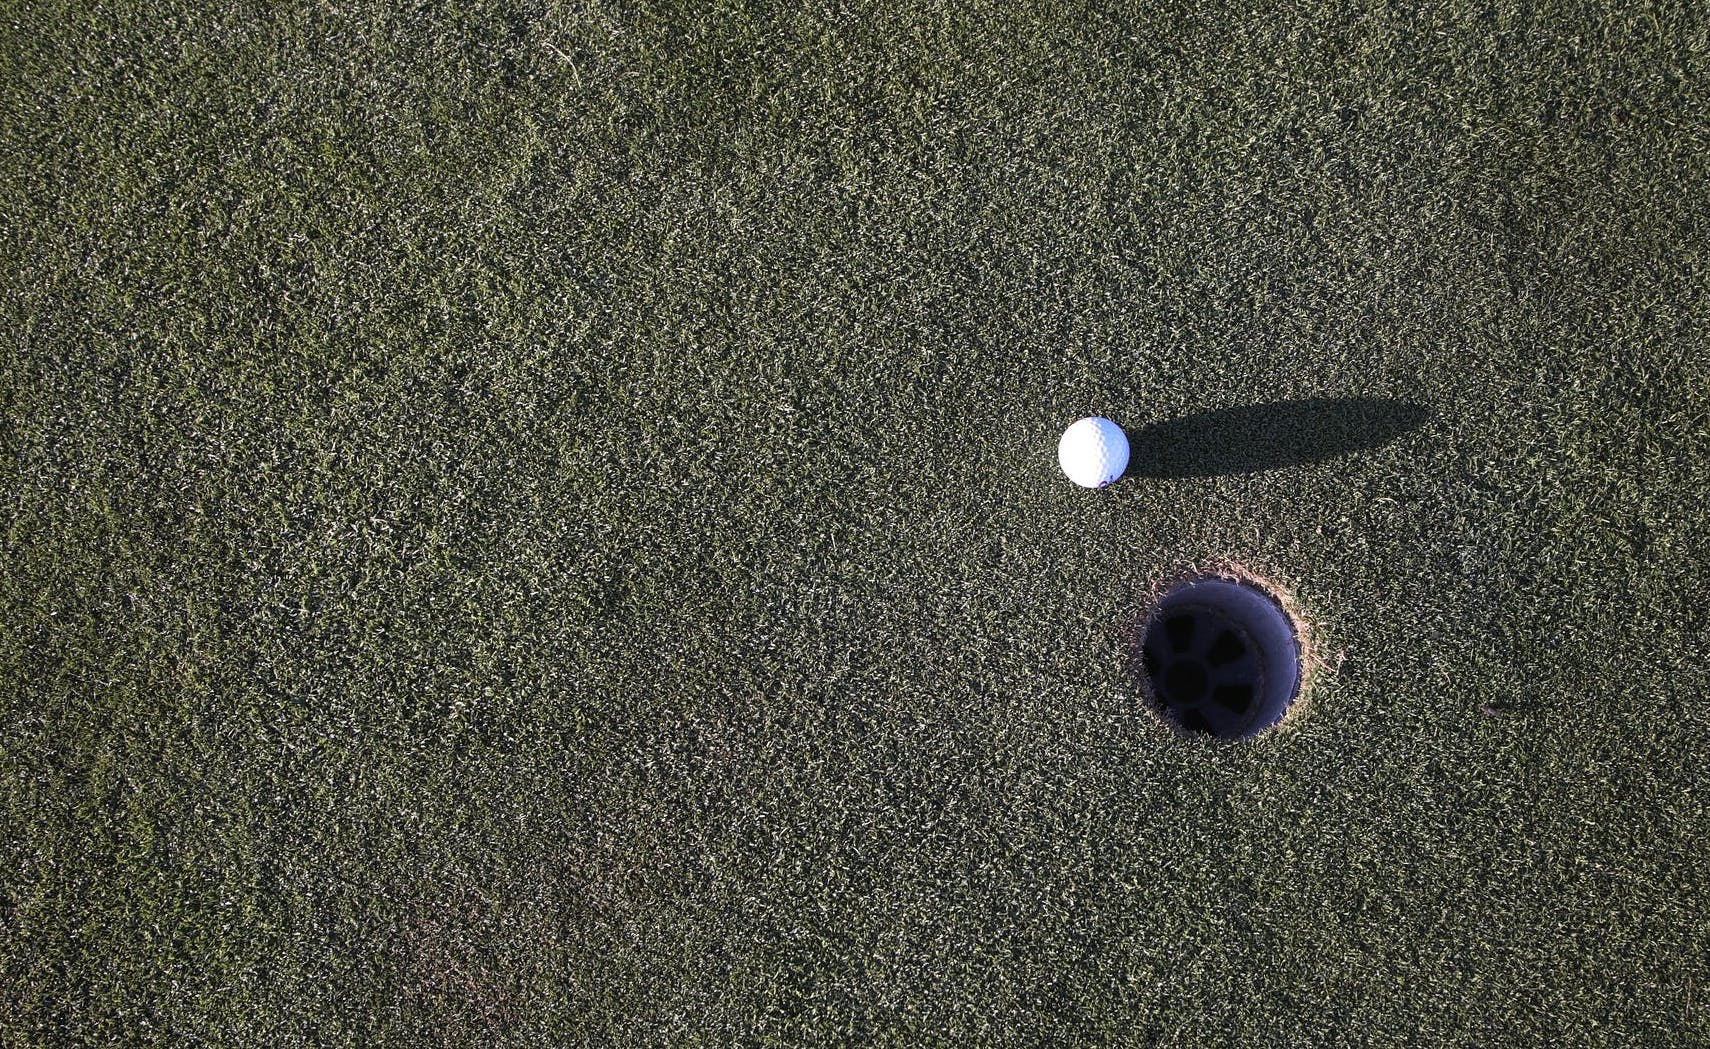 Un green de golf à domicile? Le rêve à portée de swing !